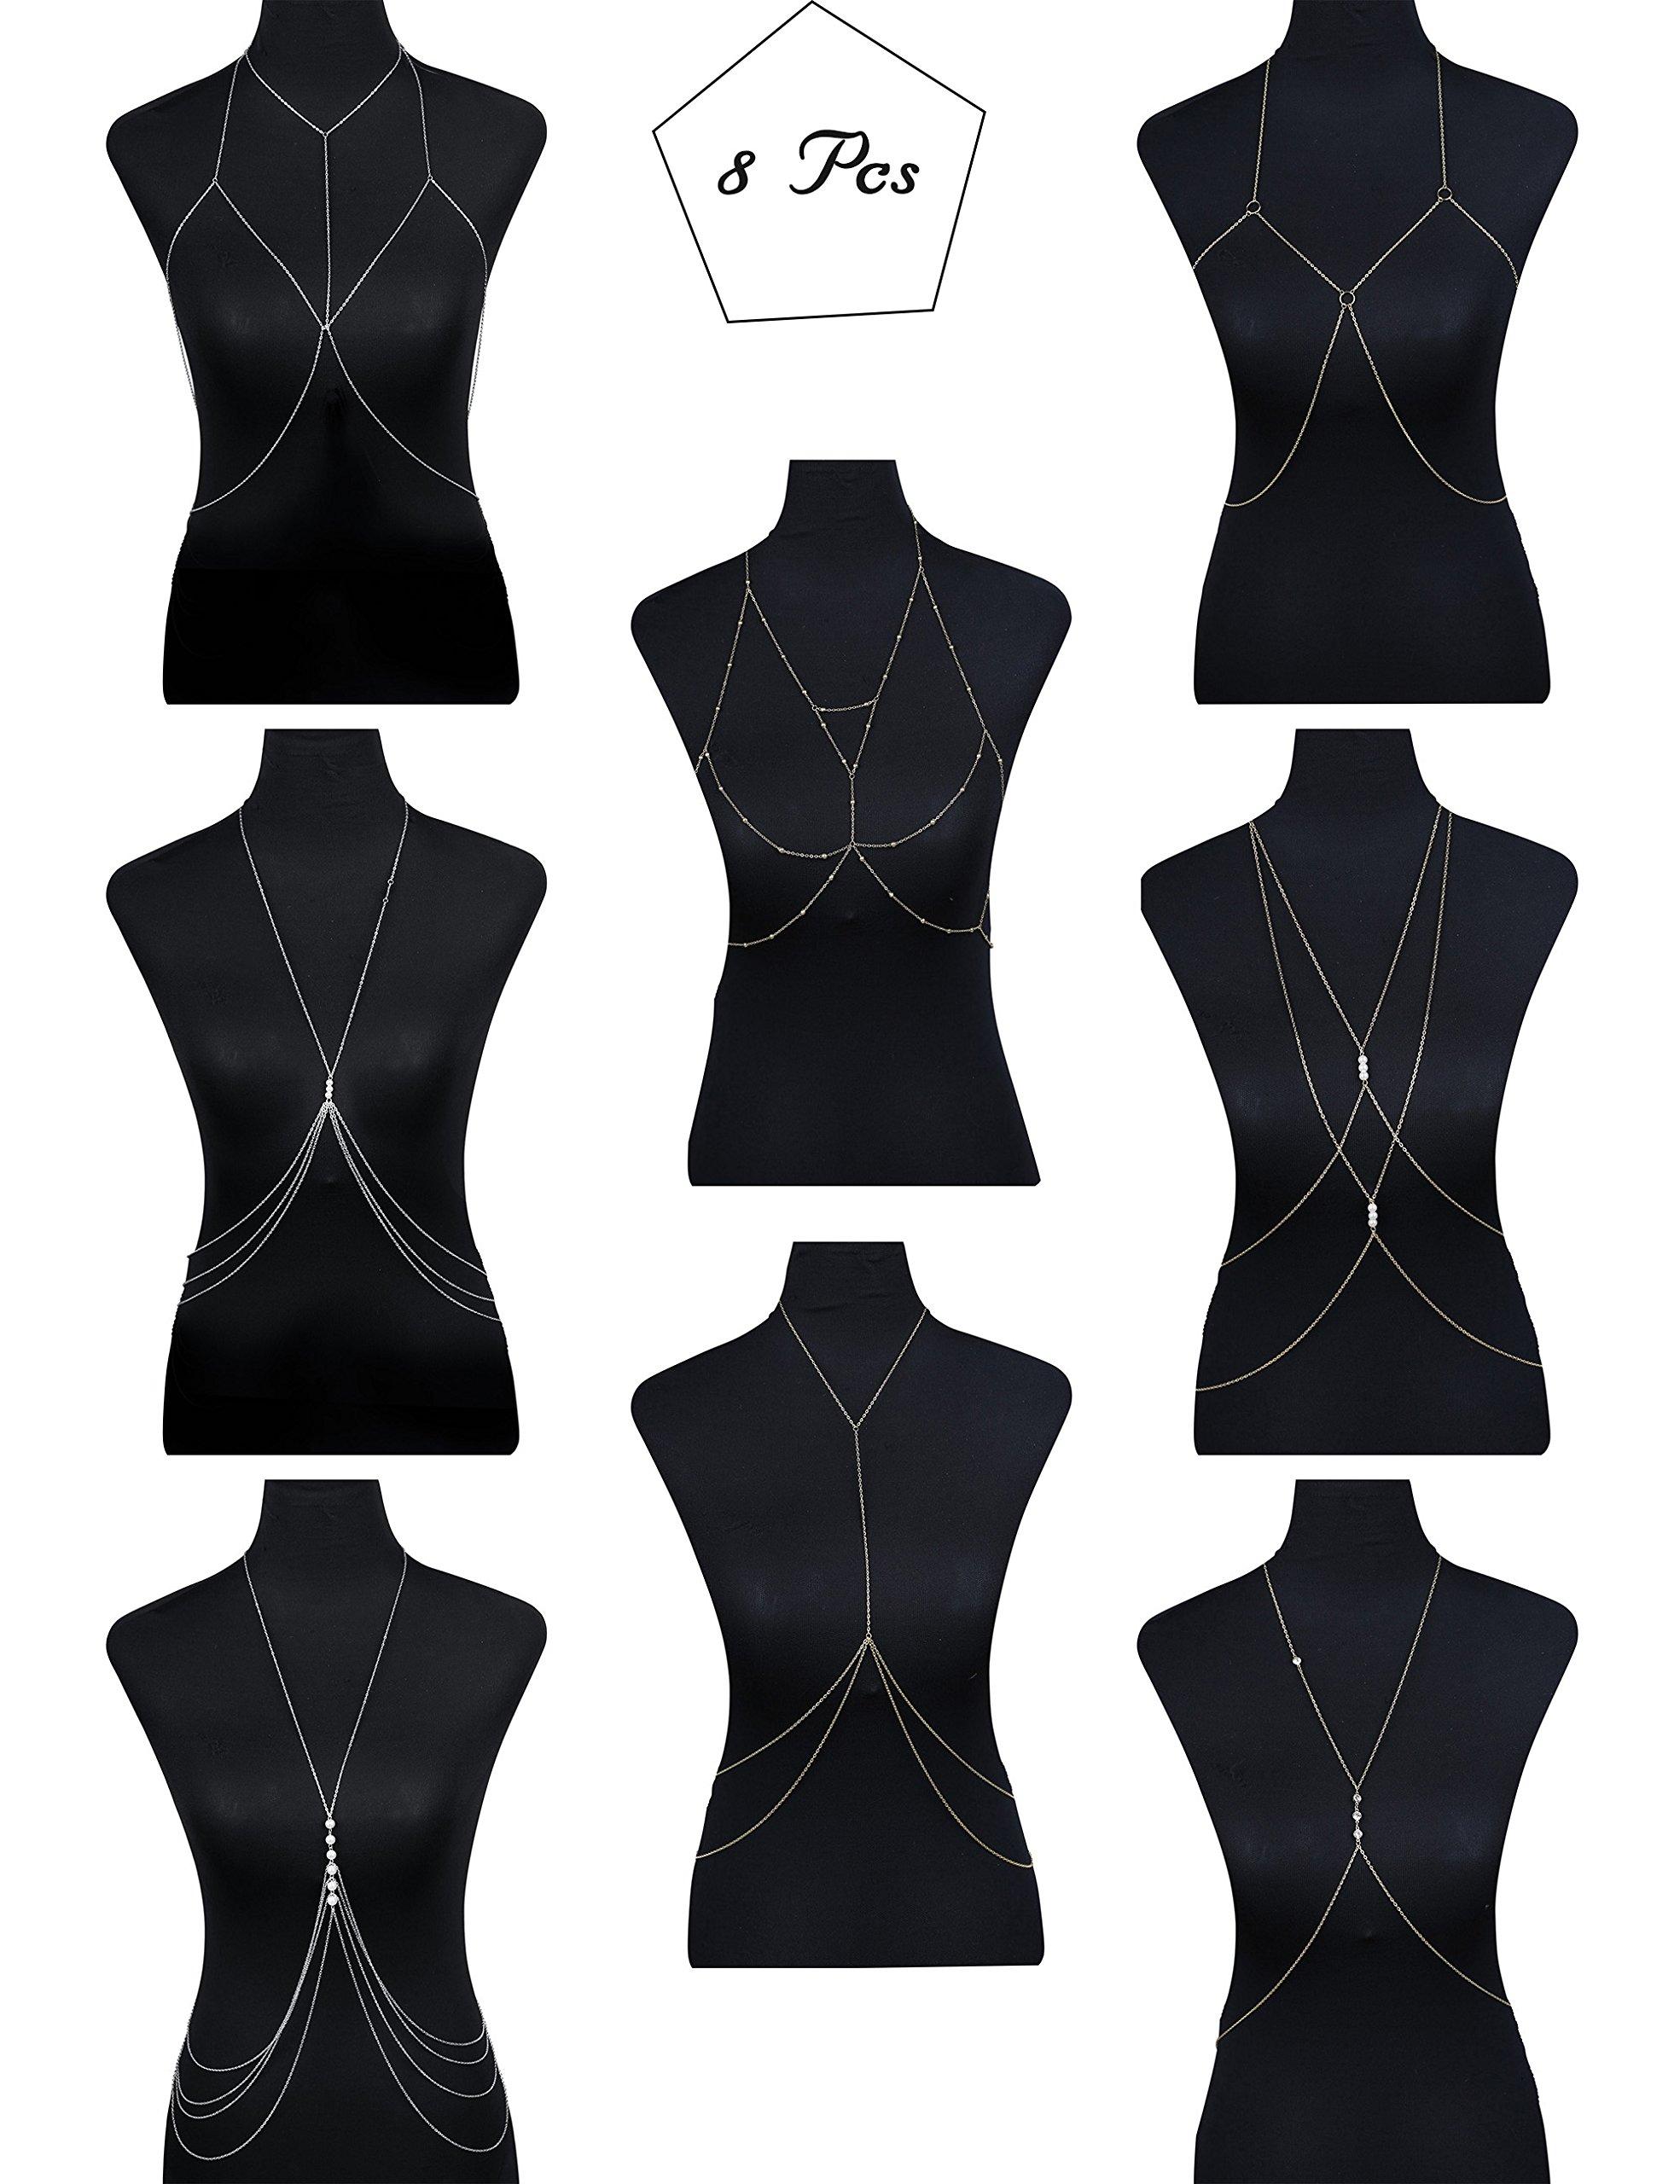 Besteel 8 Pcs Cross Belly Chains Necklace for Women Girls Summer Bikini Body Jewelry